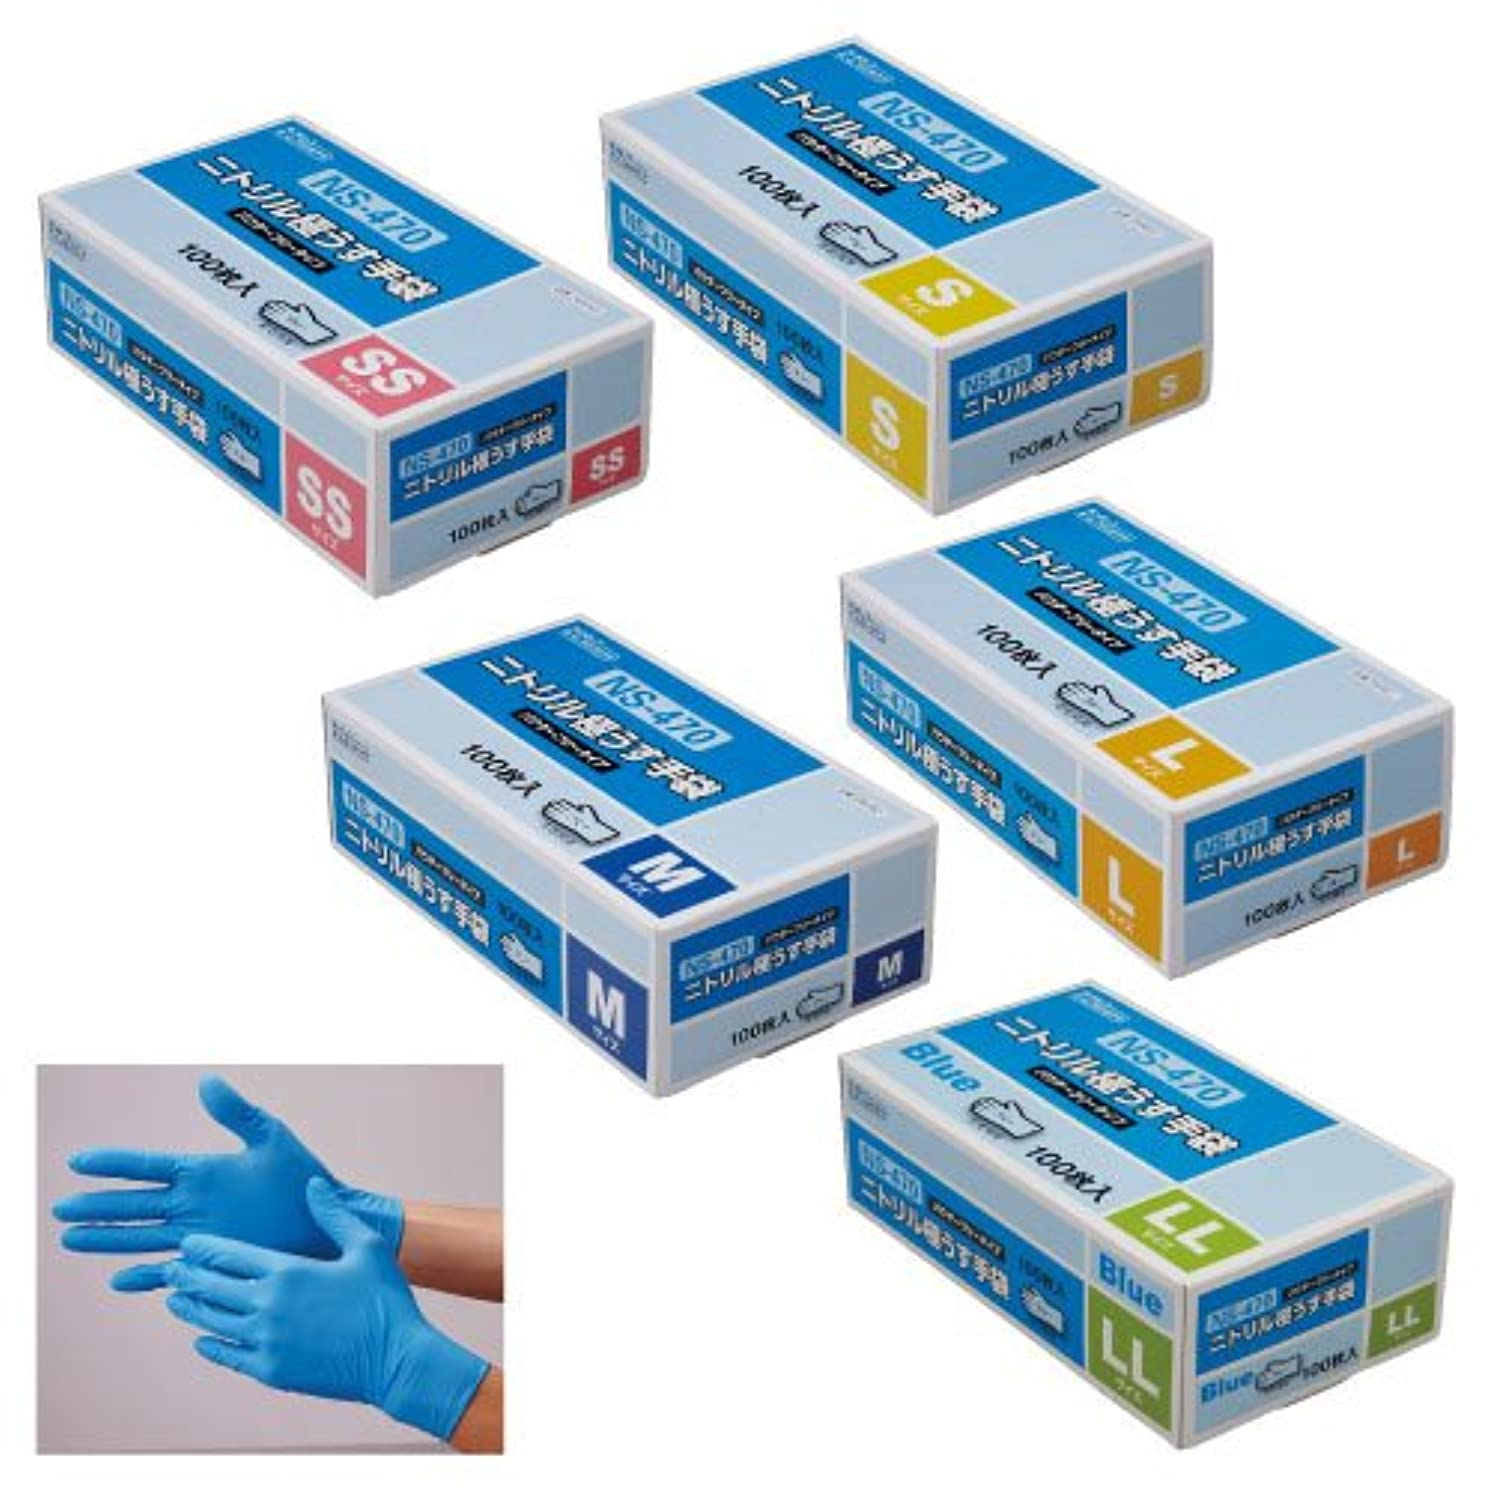 変化する簡略化するコンパクトニトリル極うす手袋 NS-470 ??????????????NS470 06449(S)????100????(24-2571-01)【20箱単位】